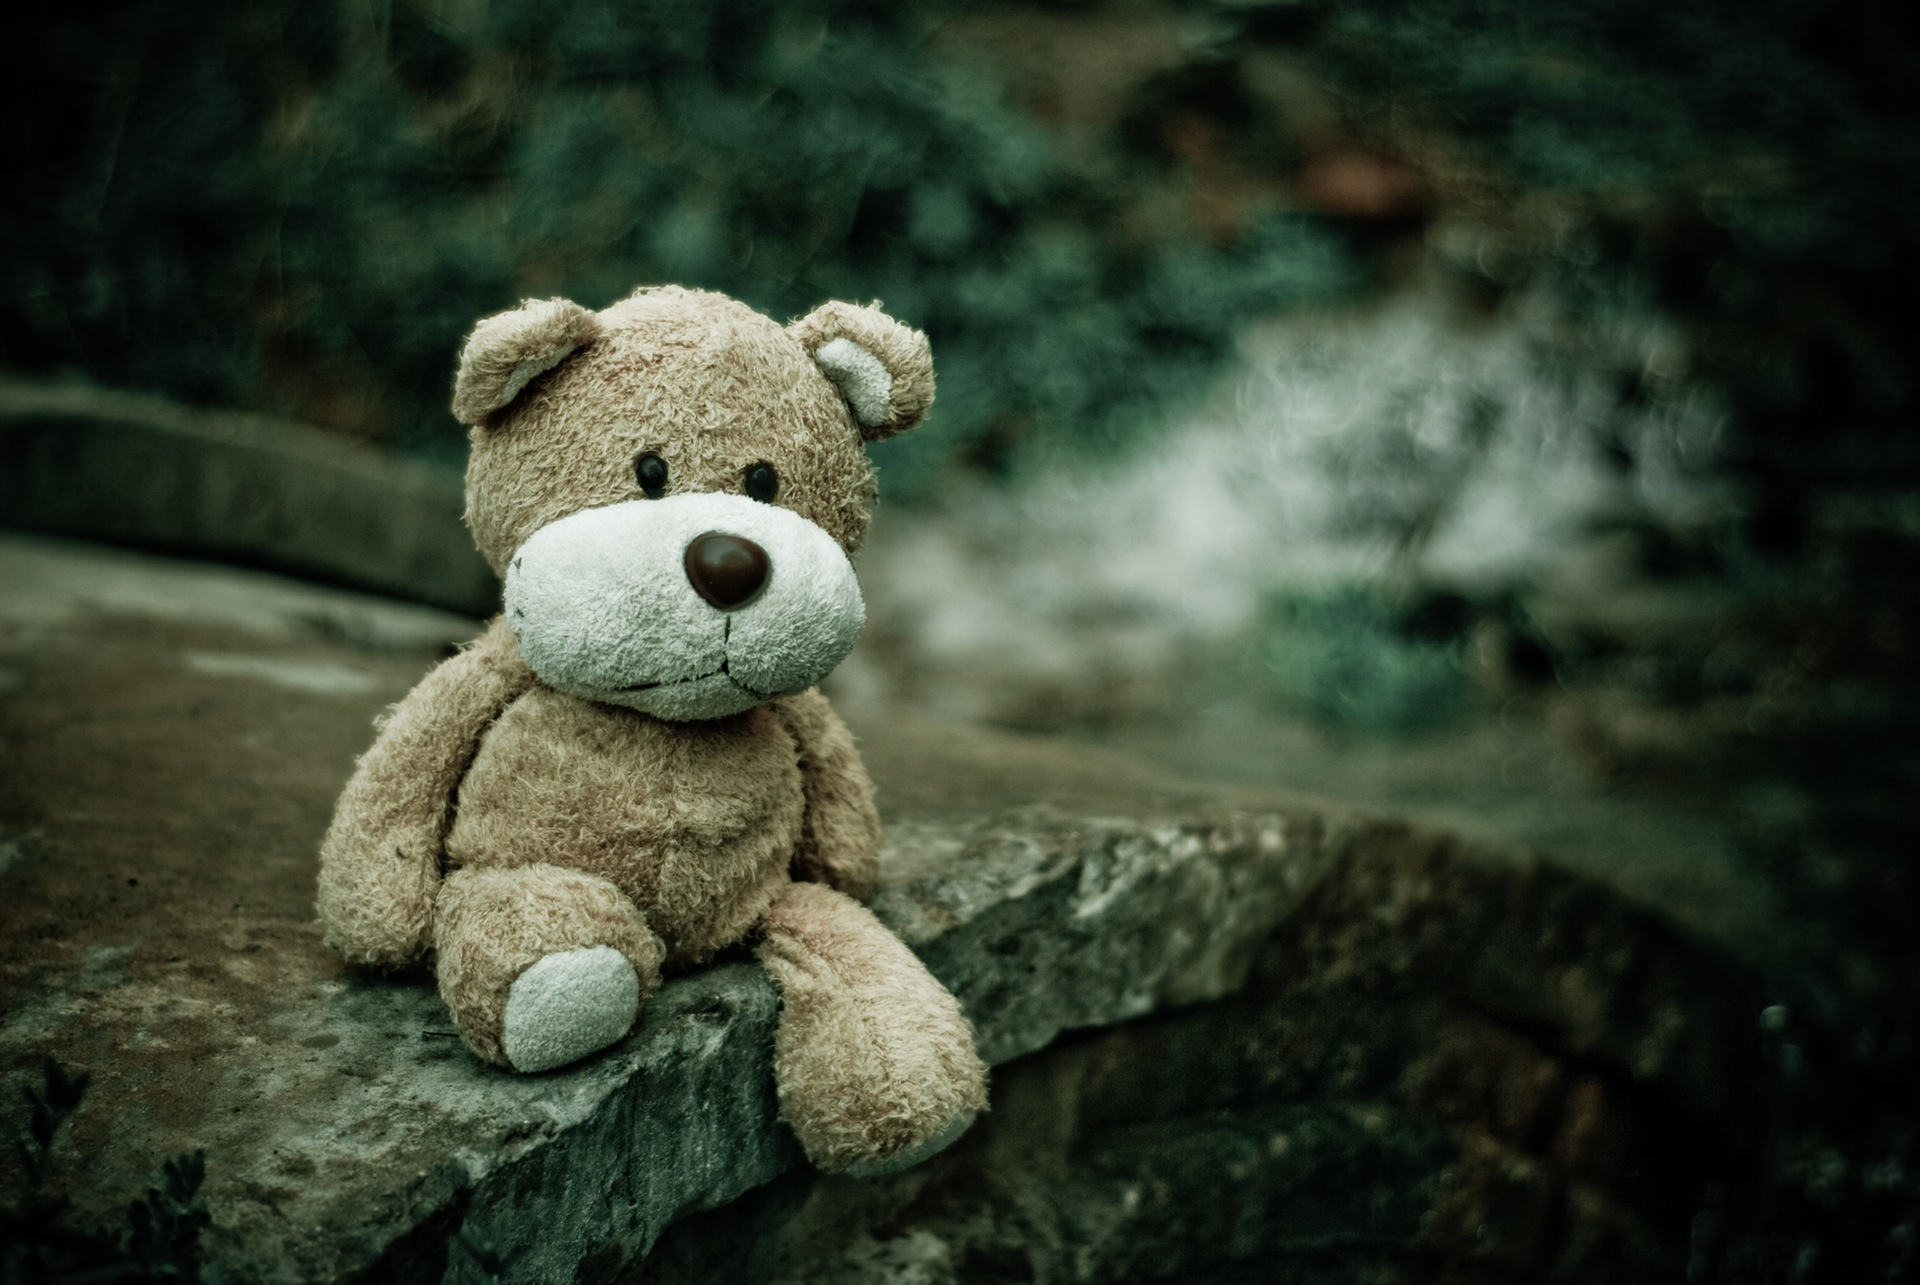 玩具熊, 泰迪, 桥梁, 柔情, 性质 - 高清壁纸 - 教授-falken.com